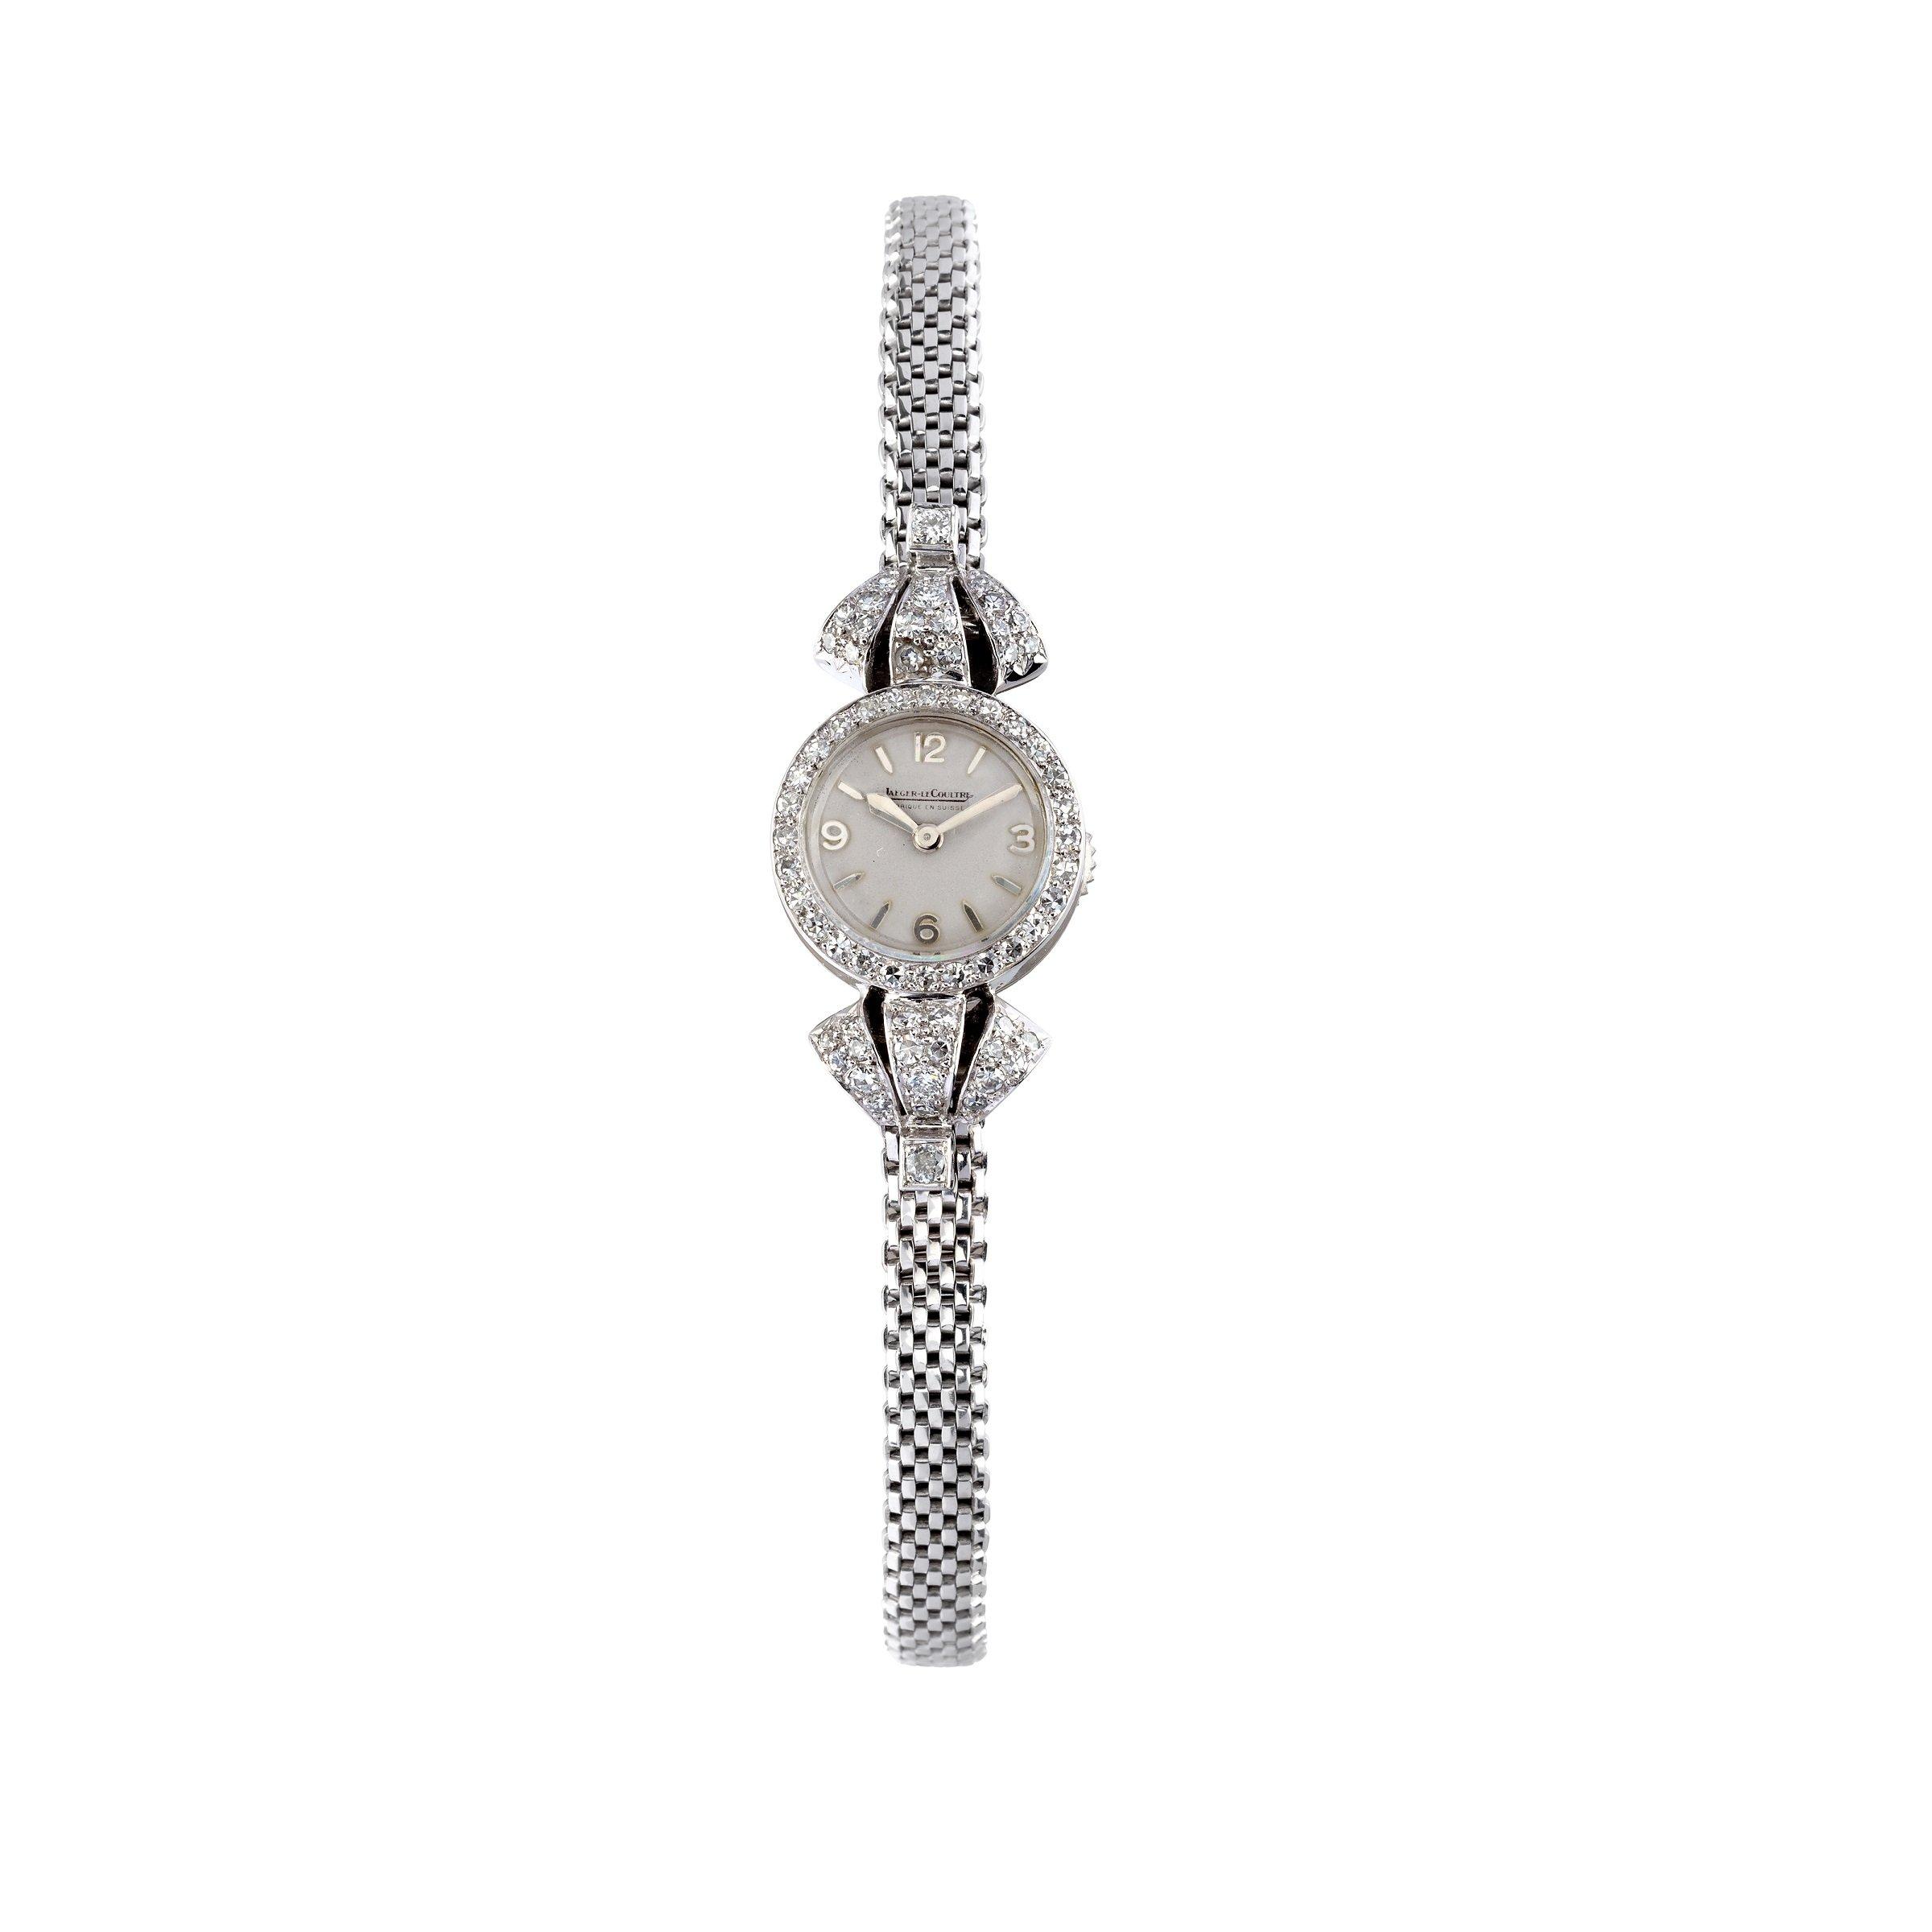 Vintage Jaeger-LeCoultre watch